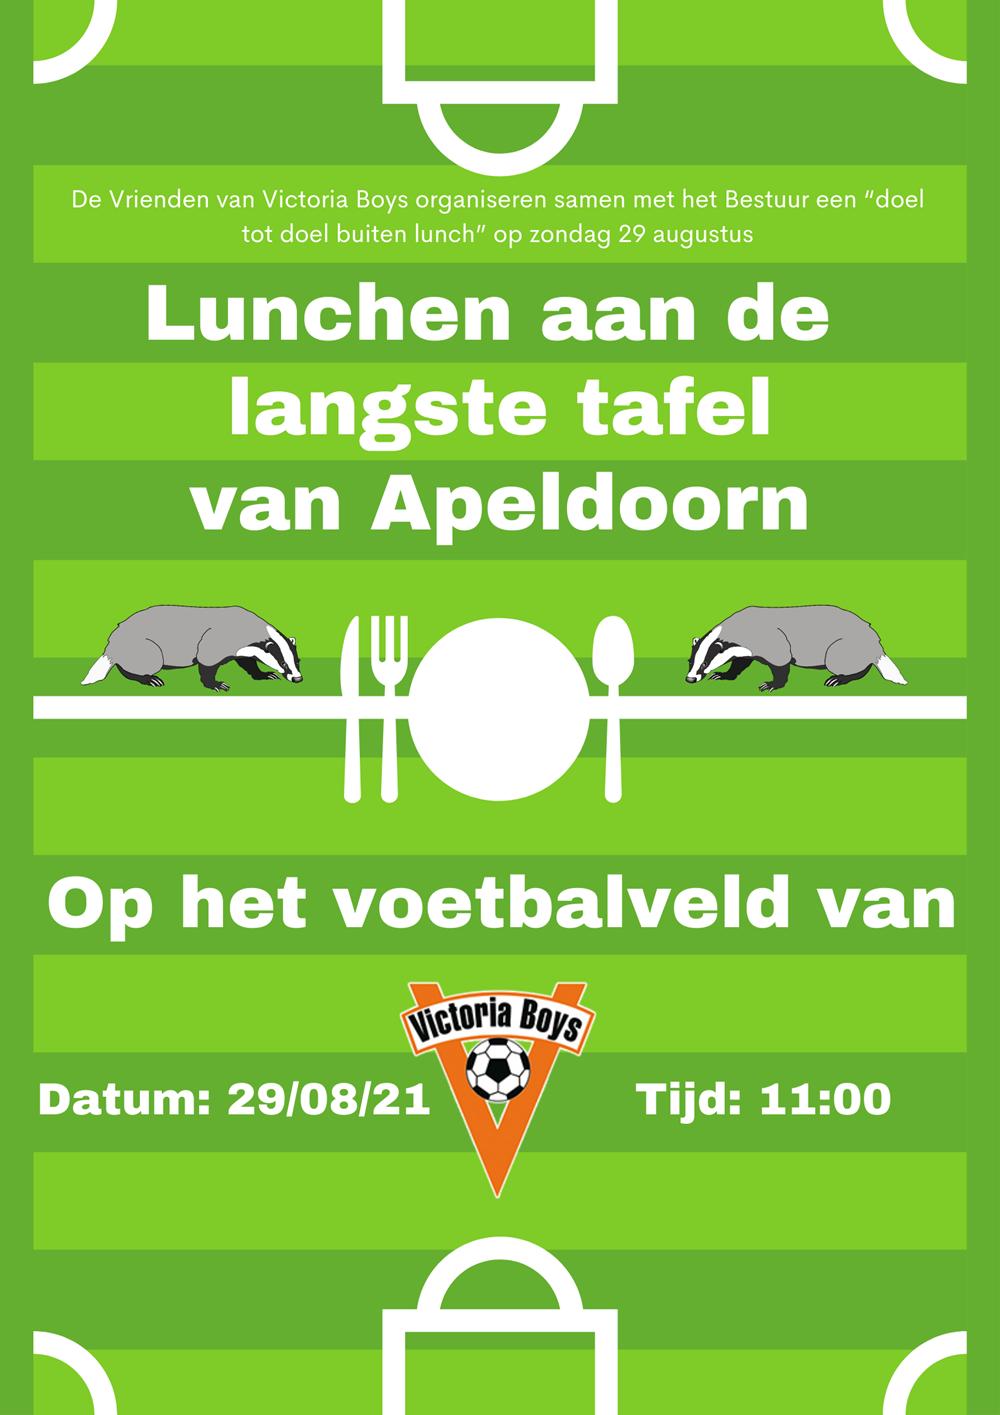 Lunch_aan_de_langste_tafel_van_Apeldoorn.png